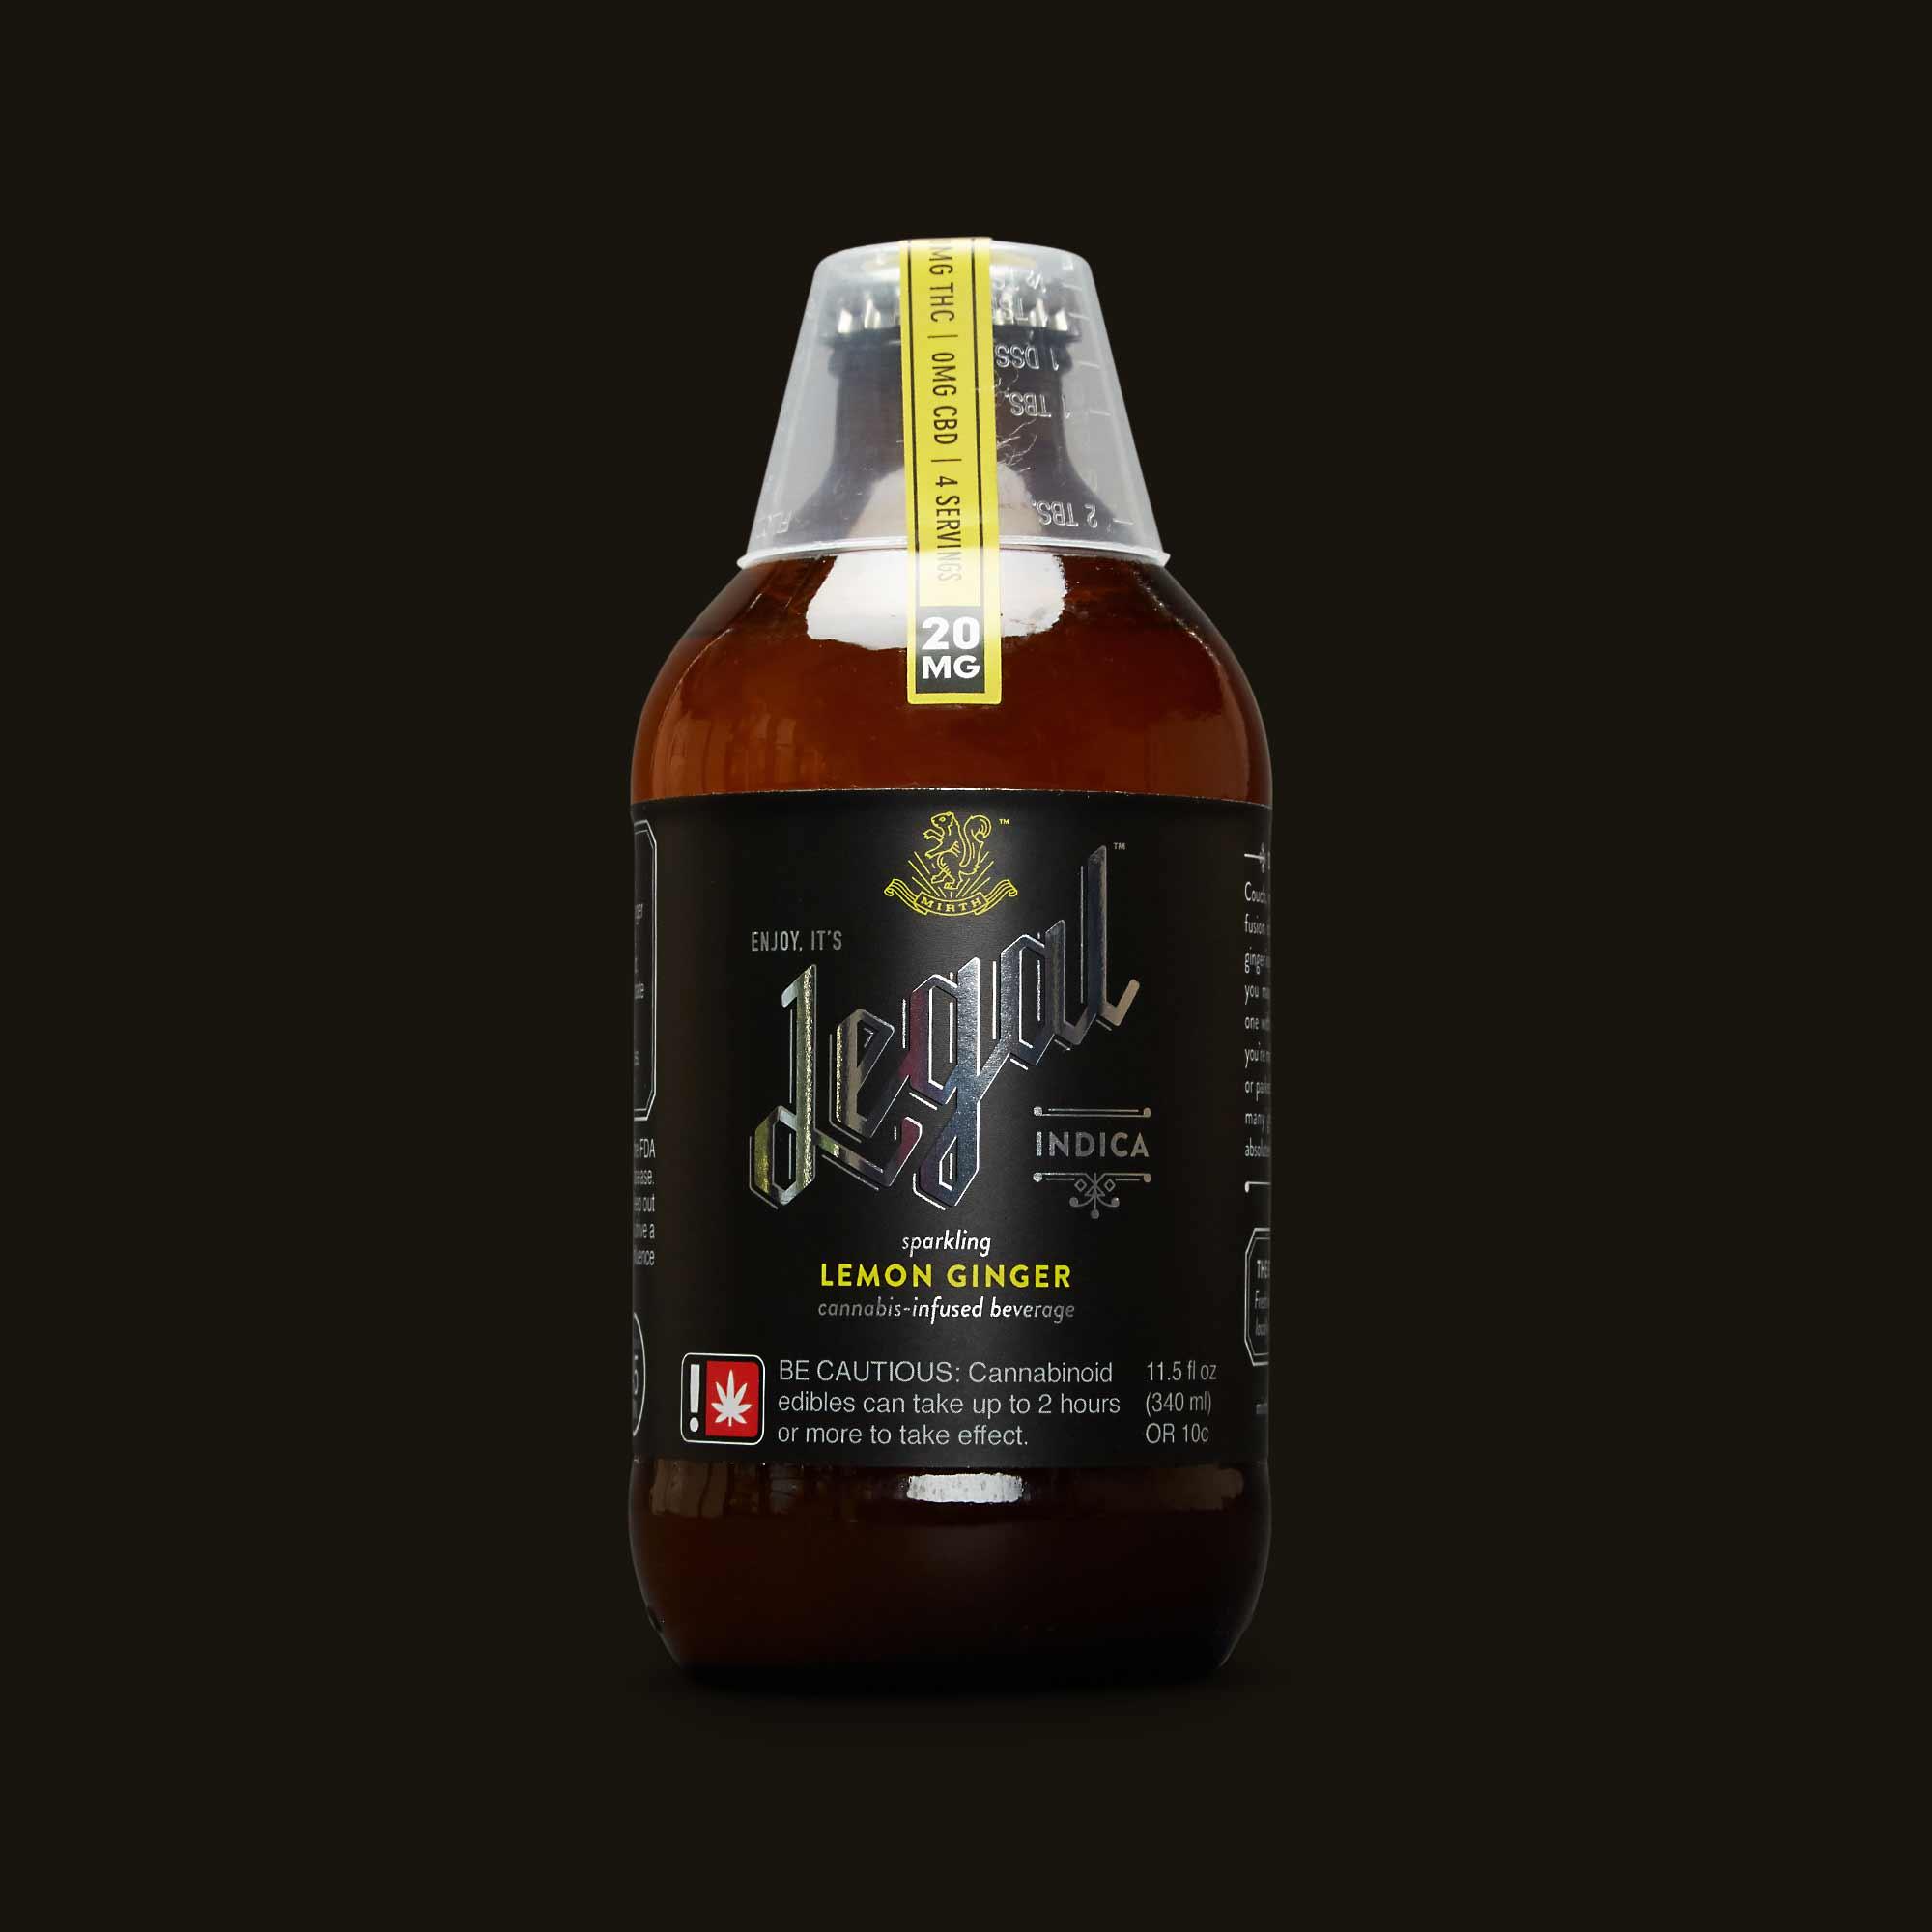 Mirth Legal: Lemon Ginger